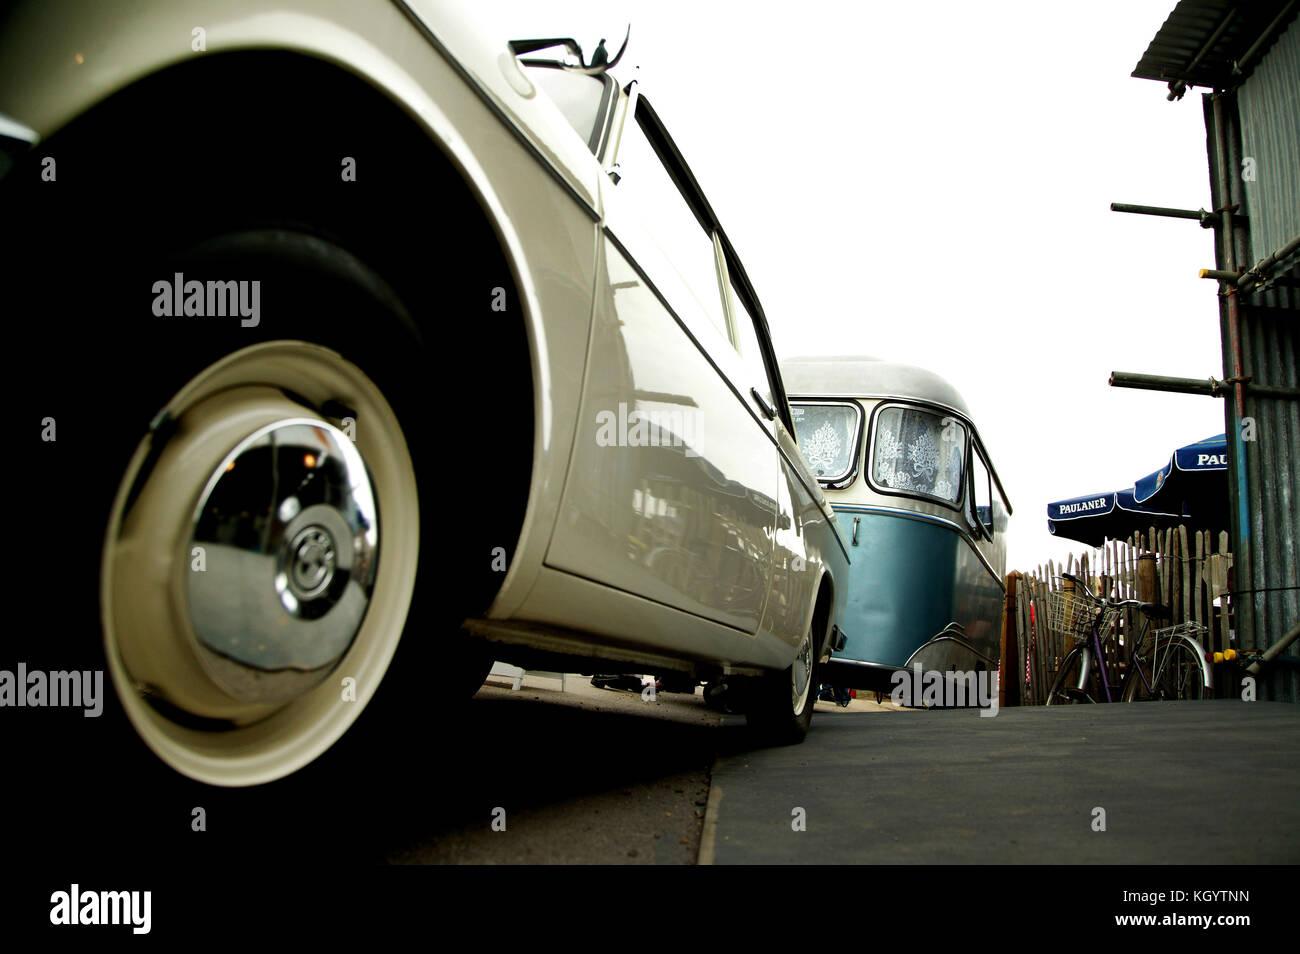 Reportaje social color documento del Festival de Velocidad de Goodwood 2012 Imagen De Stock